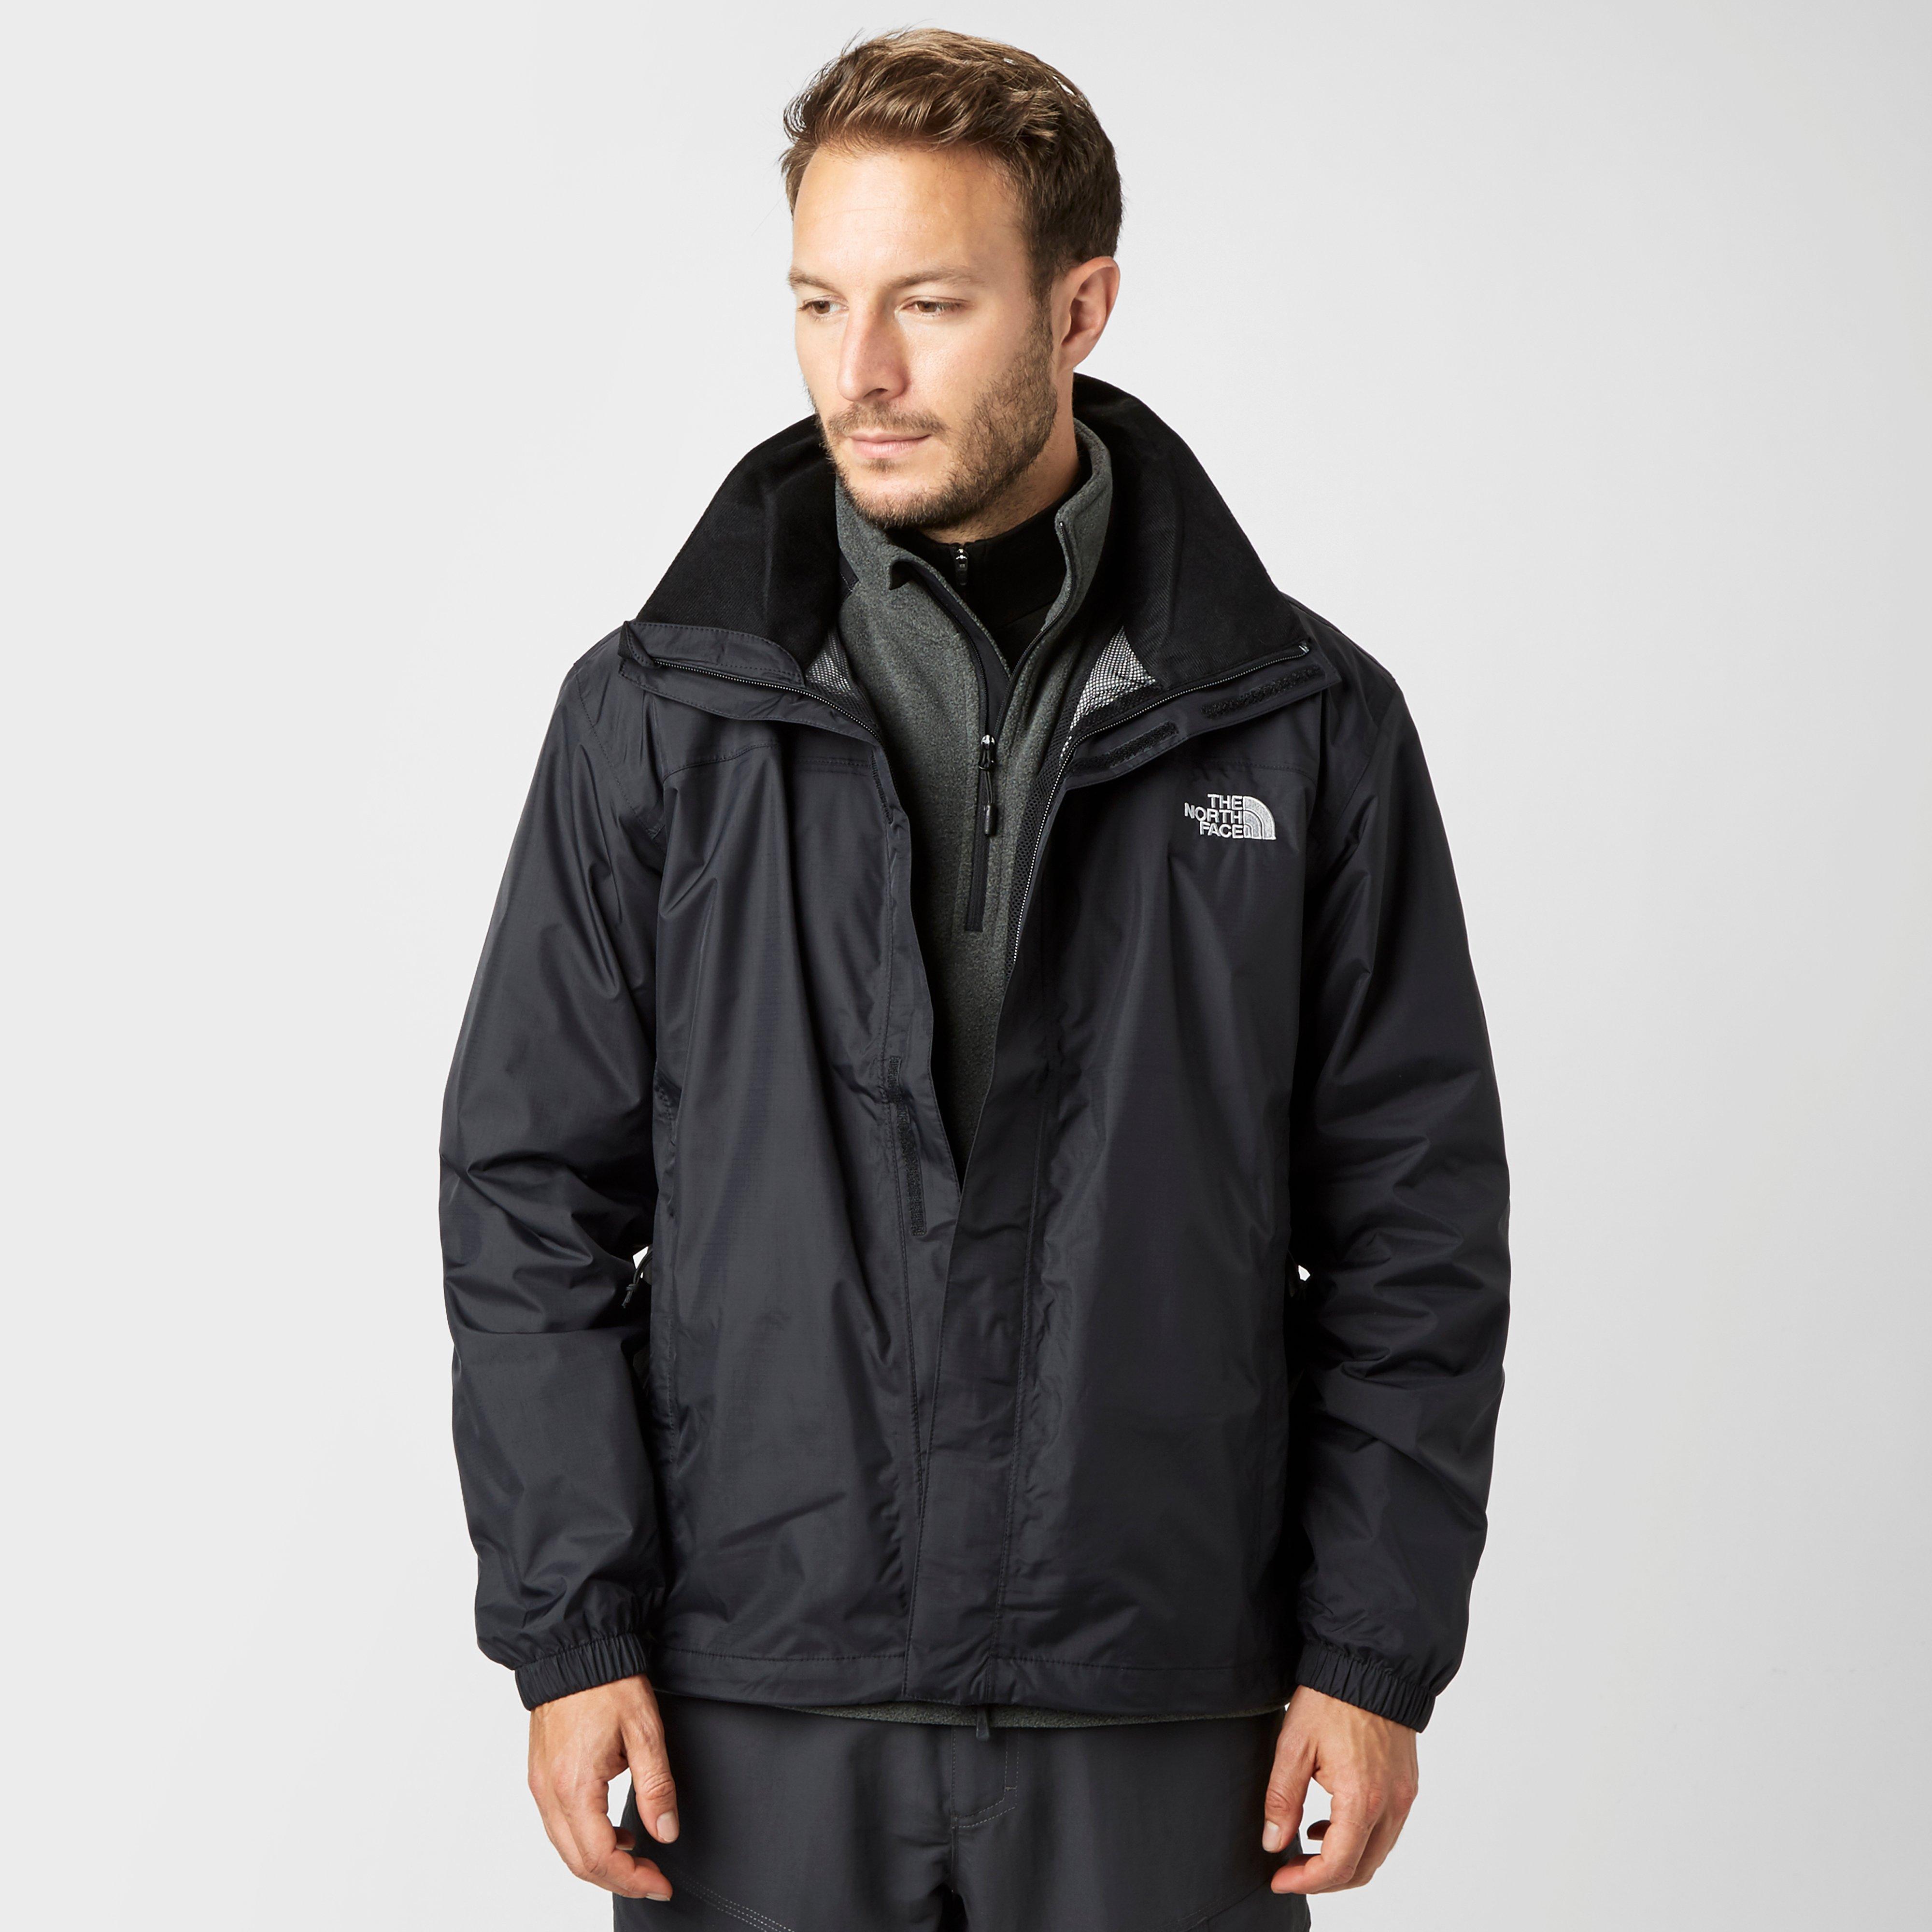 mens the north face altimont jacket - Marwood VeneerMarwood Veneer f16c999ae